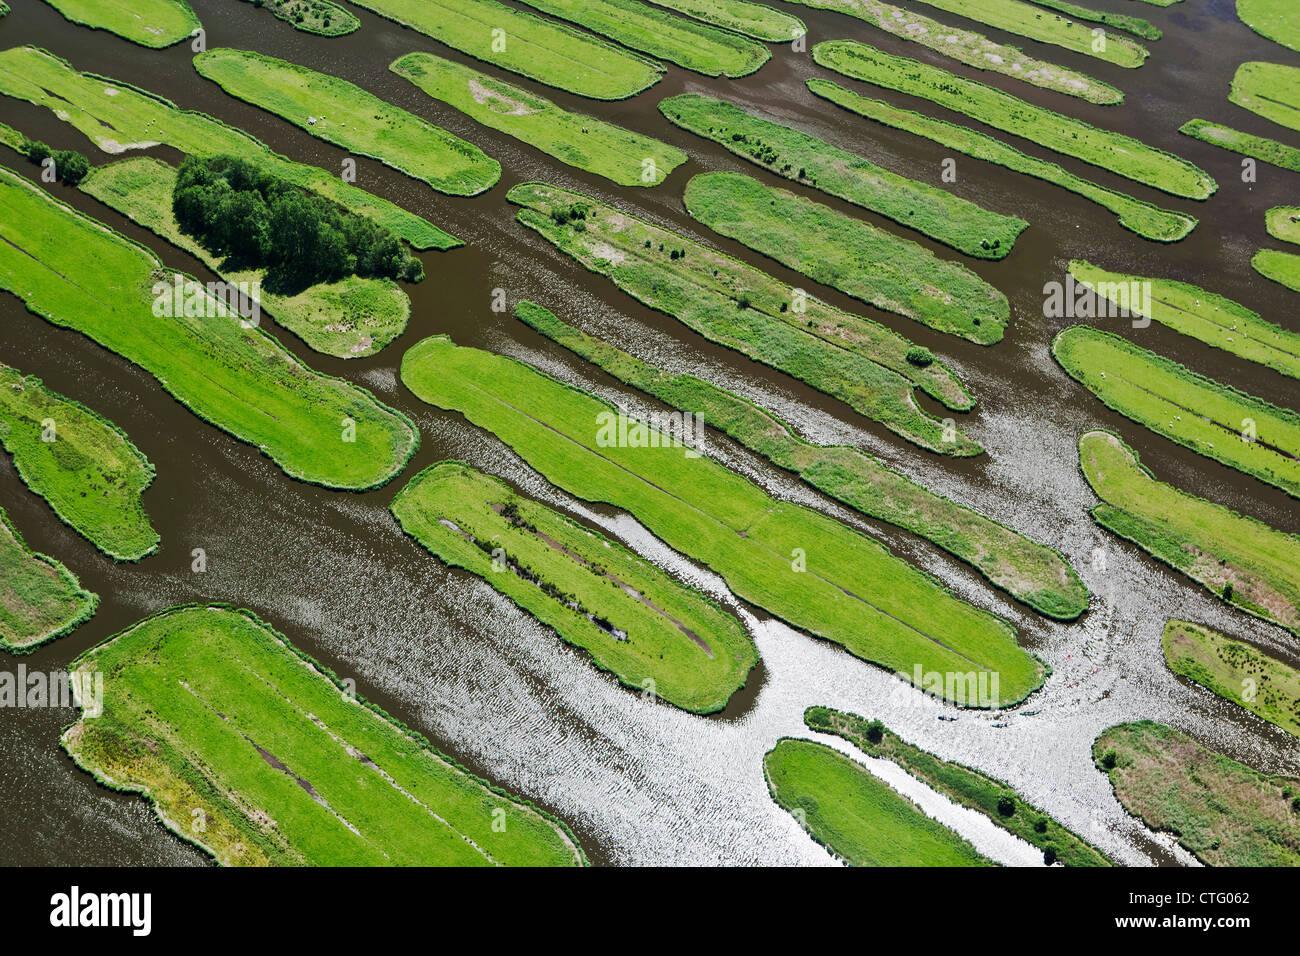 The Netherlands, Jisp, Aerial, Polder landscape. - Stock Image